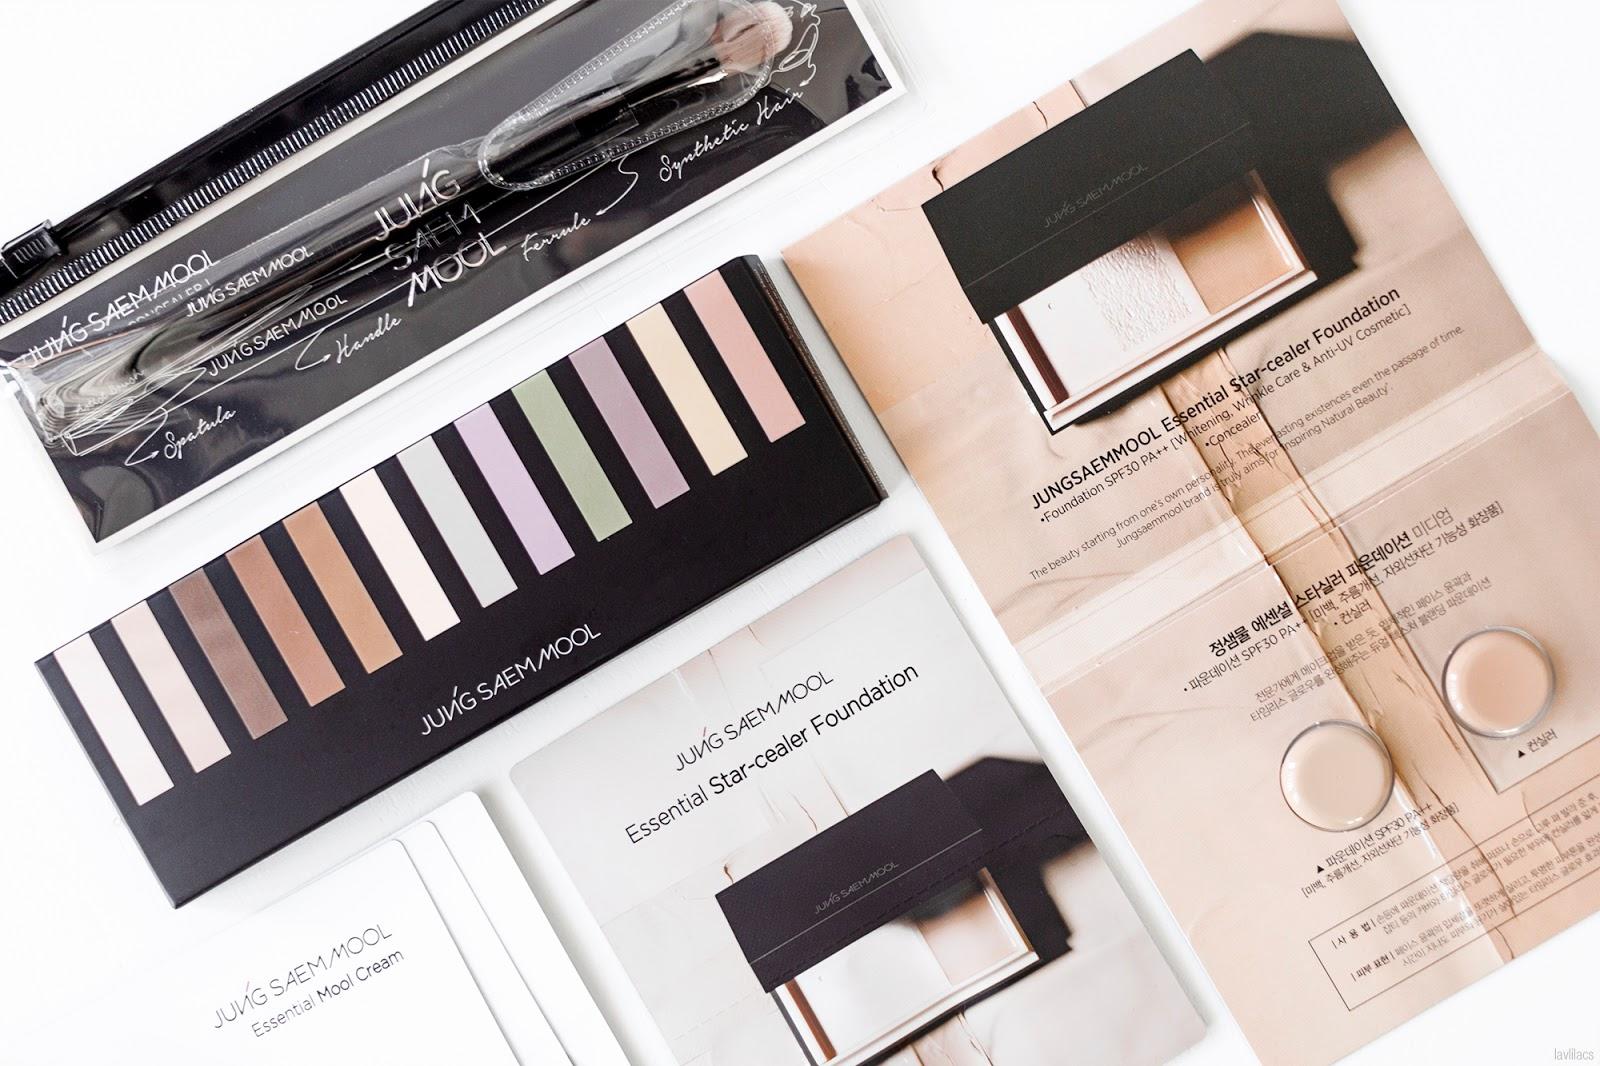 lavlilacs April 2017 haul - Global Lotte Jungsaemmool makeup order